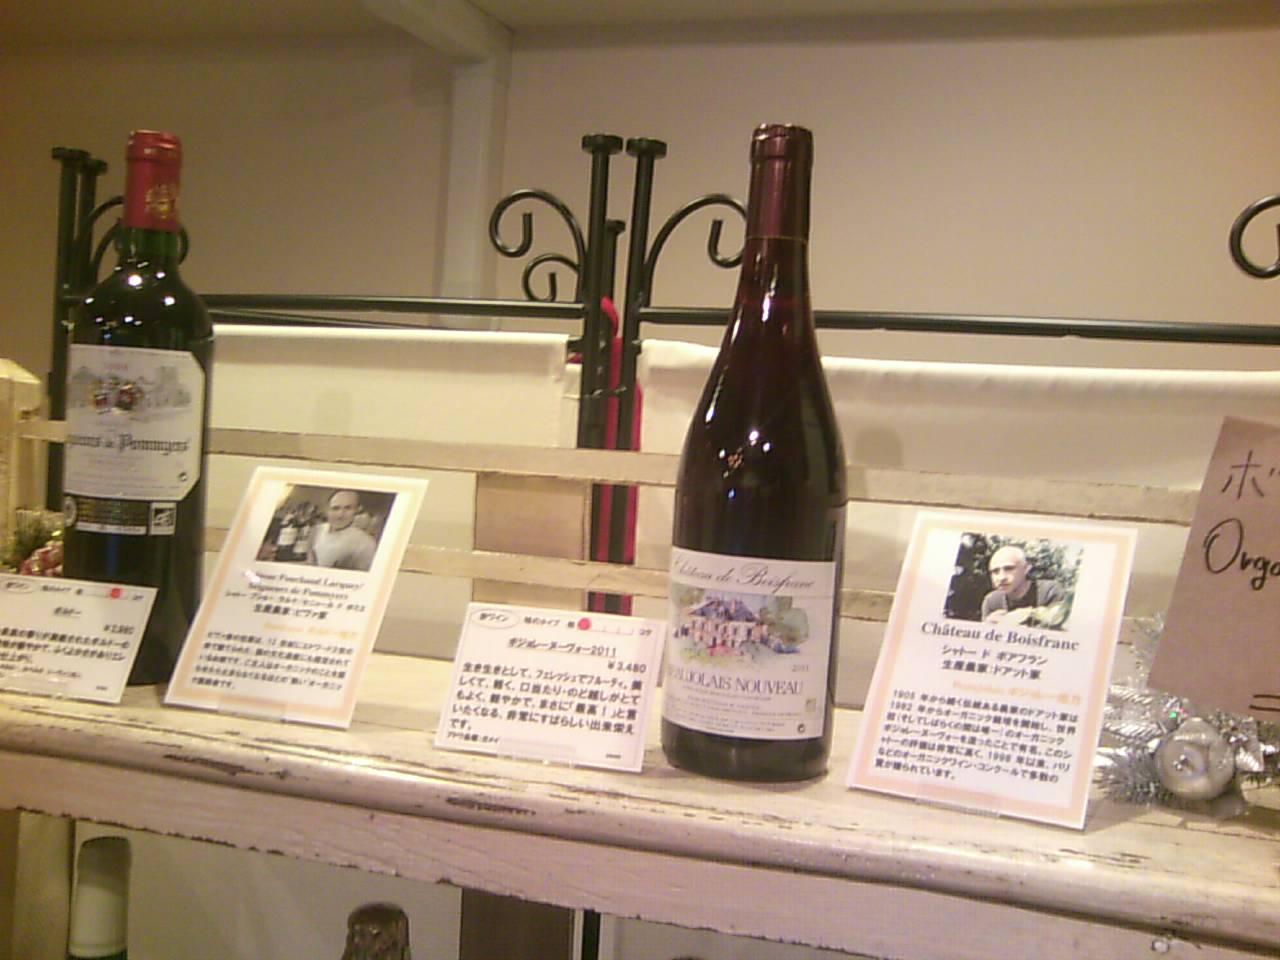 大阪にオーガニックライフなお店がオープン_c0079826_19301385.jpg